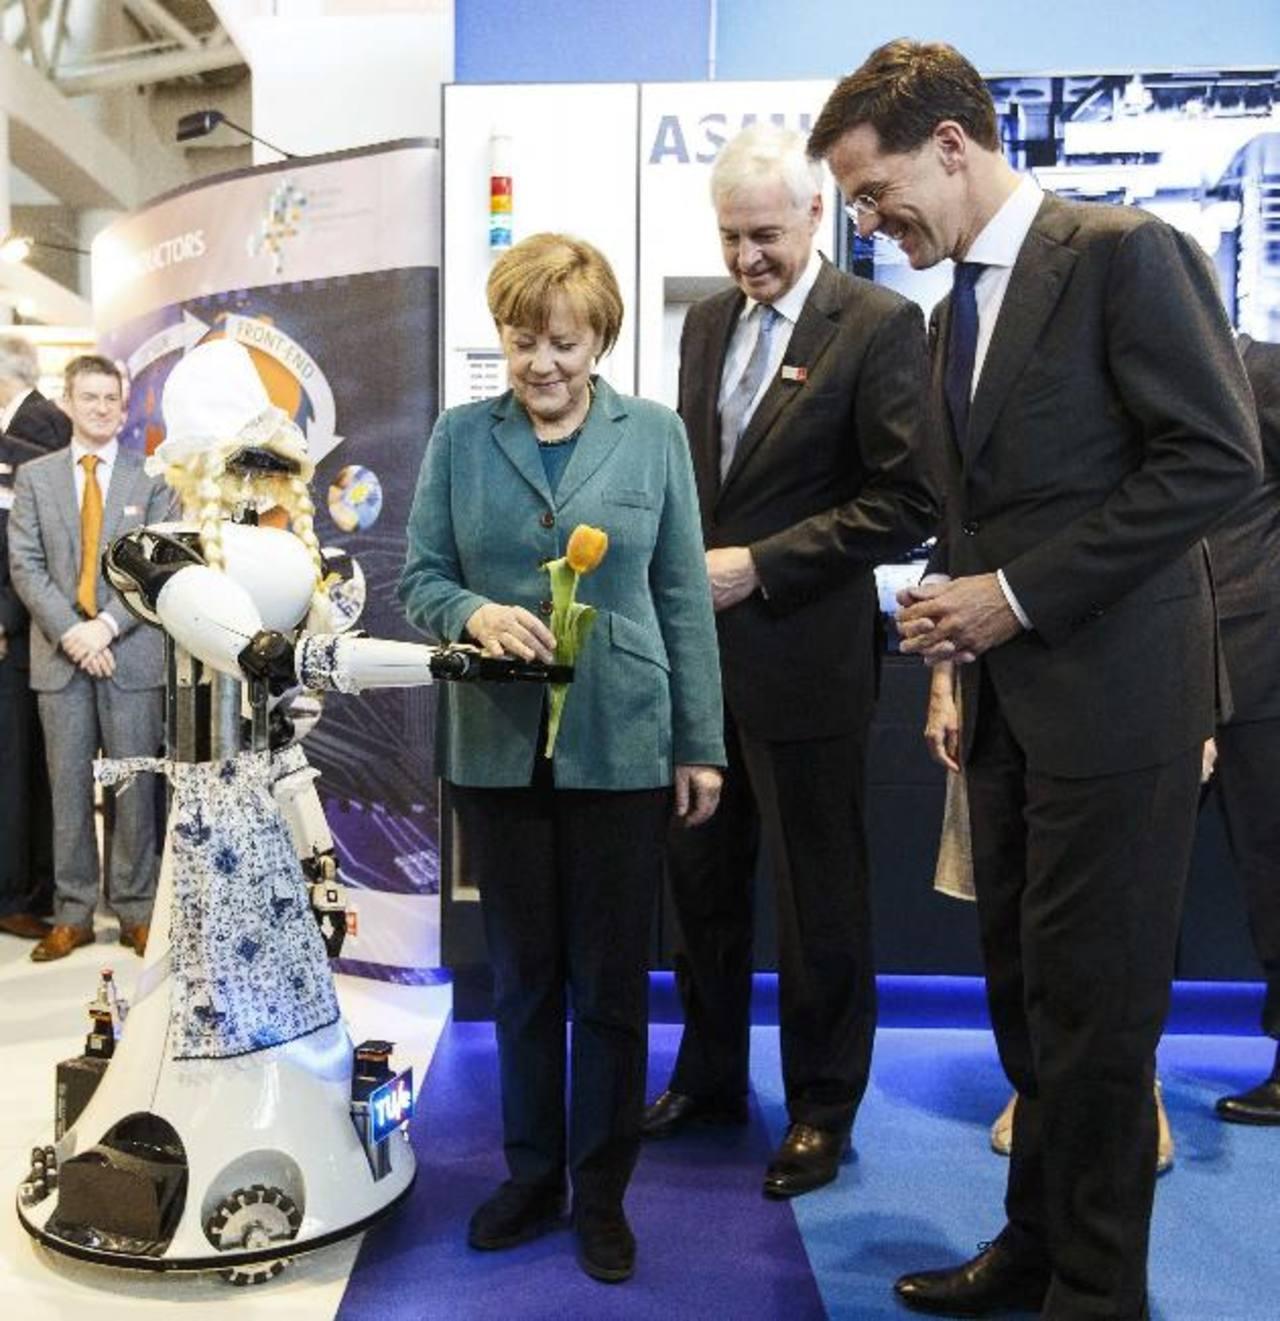 El stand de ASML un robot con peluca rubia y traje típico de Delft le entregó un tulipán a Angela Merkel. foto edh